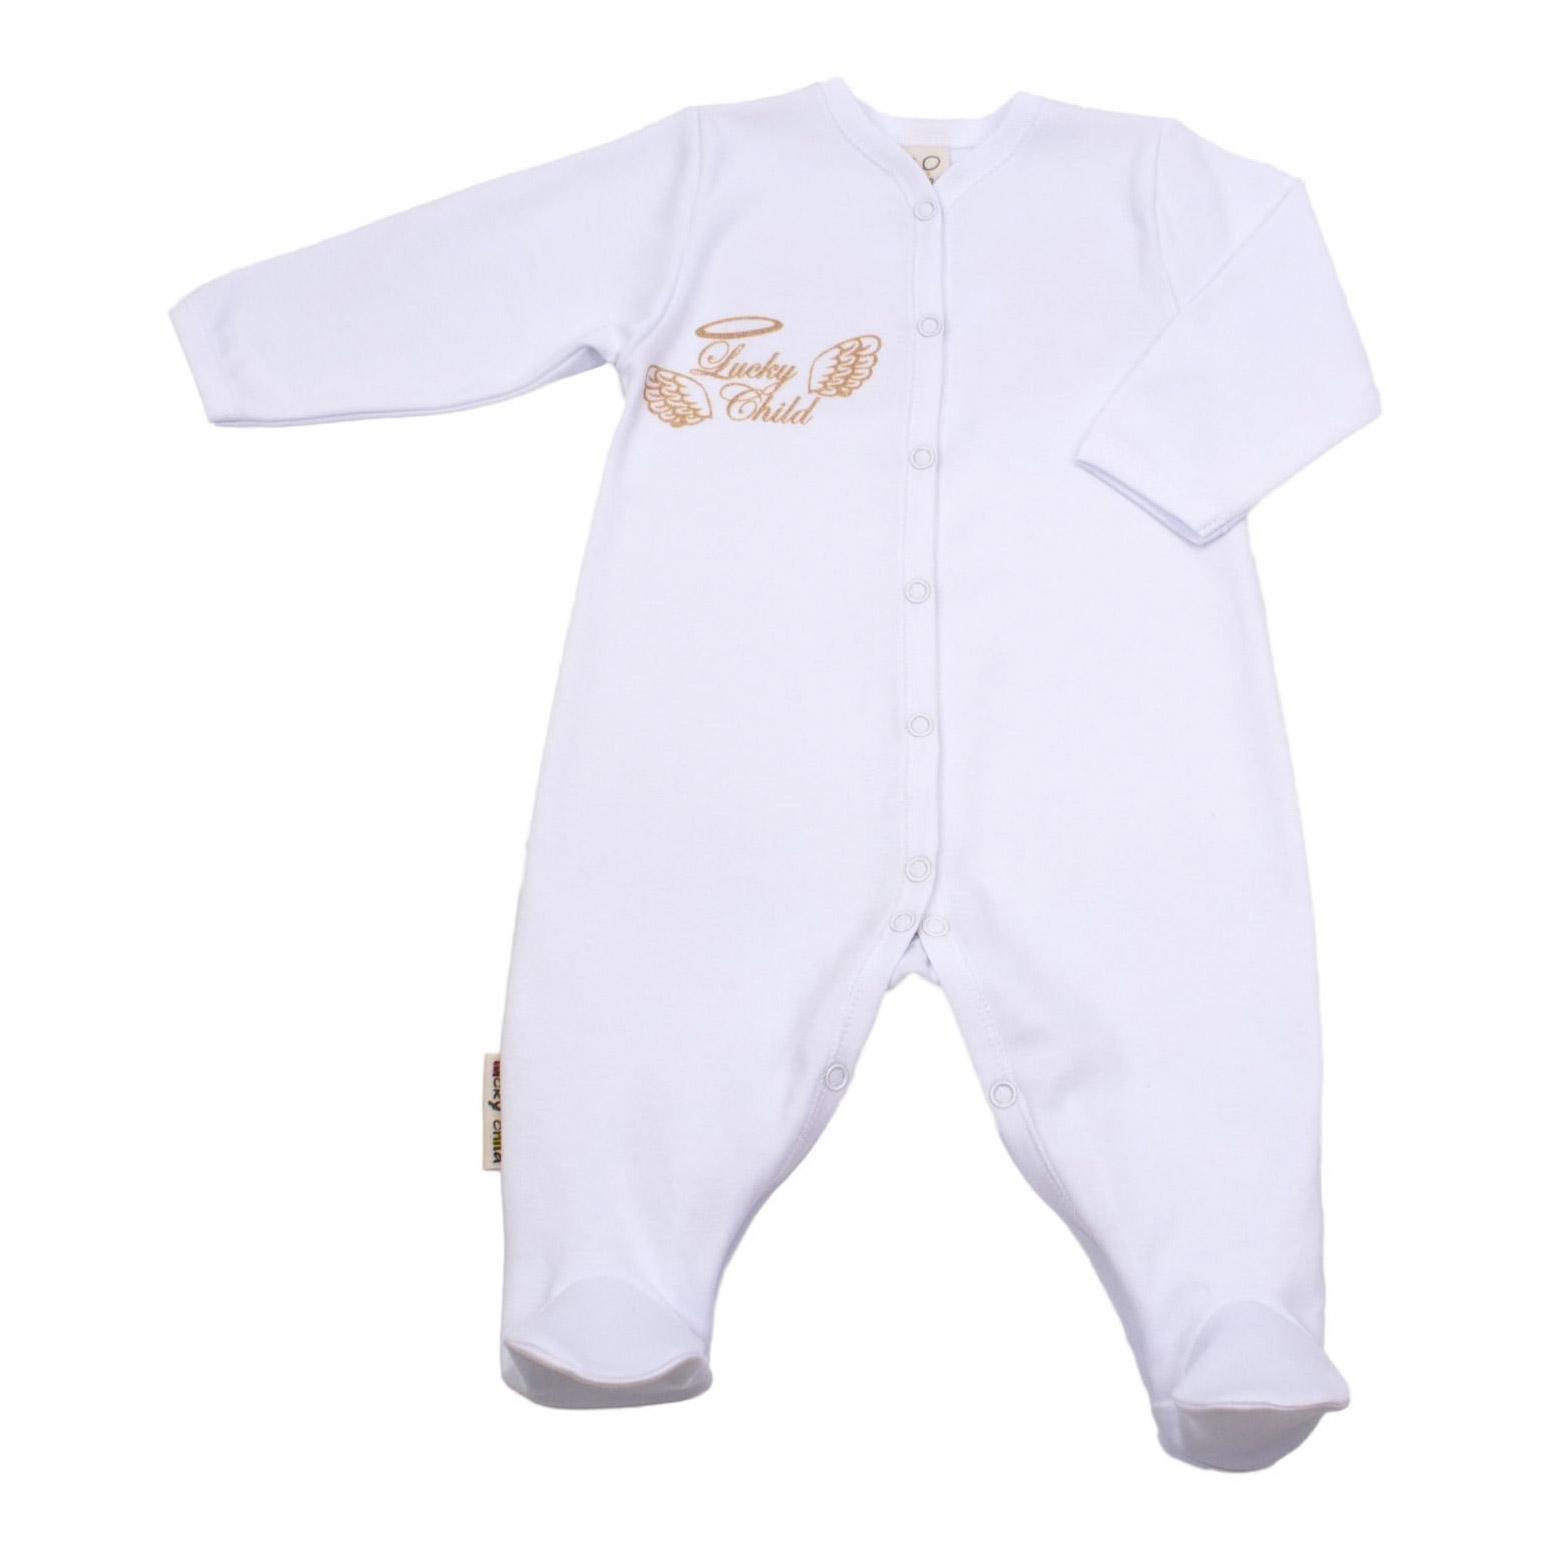 Комбинезон Lucky Child Ангелочки белый 74-80, Белый, Интерлок, Осень-Зима, Одежда для новорожденных  - купить со скидкой